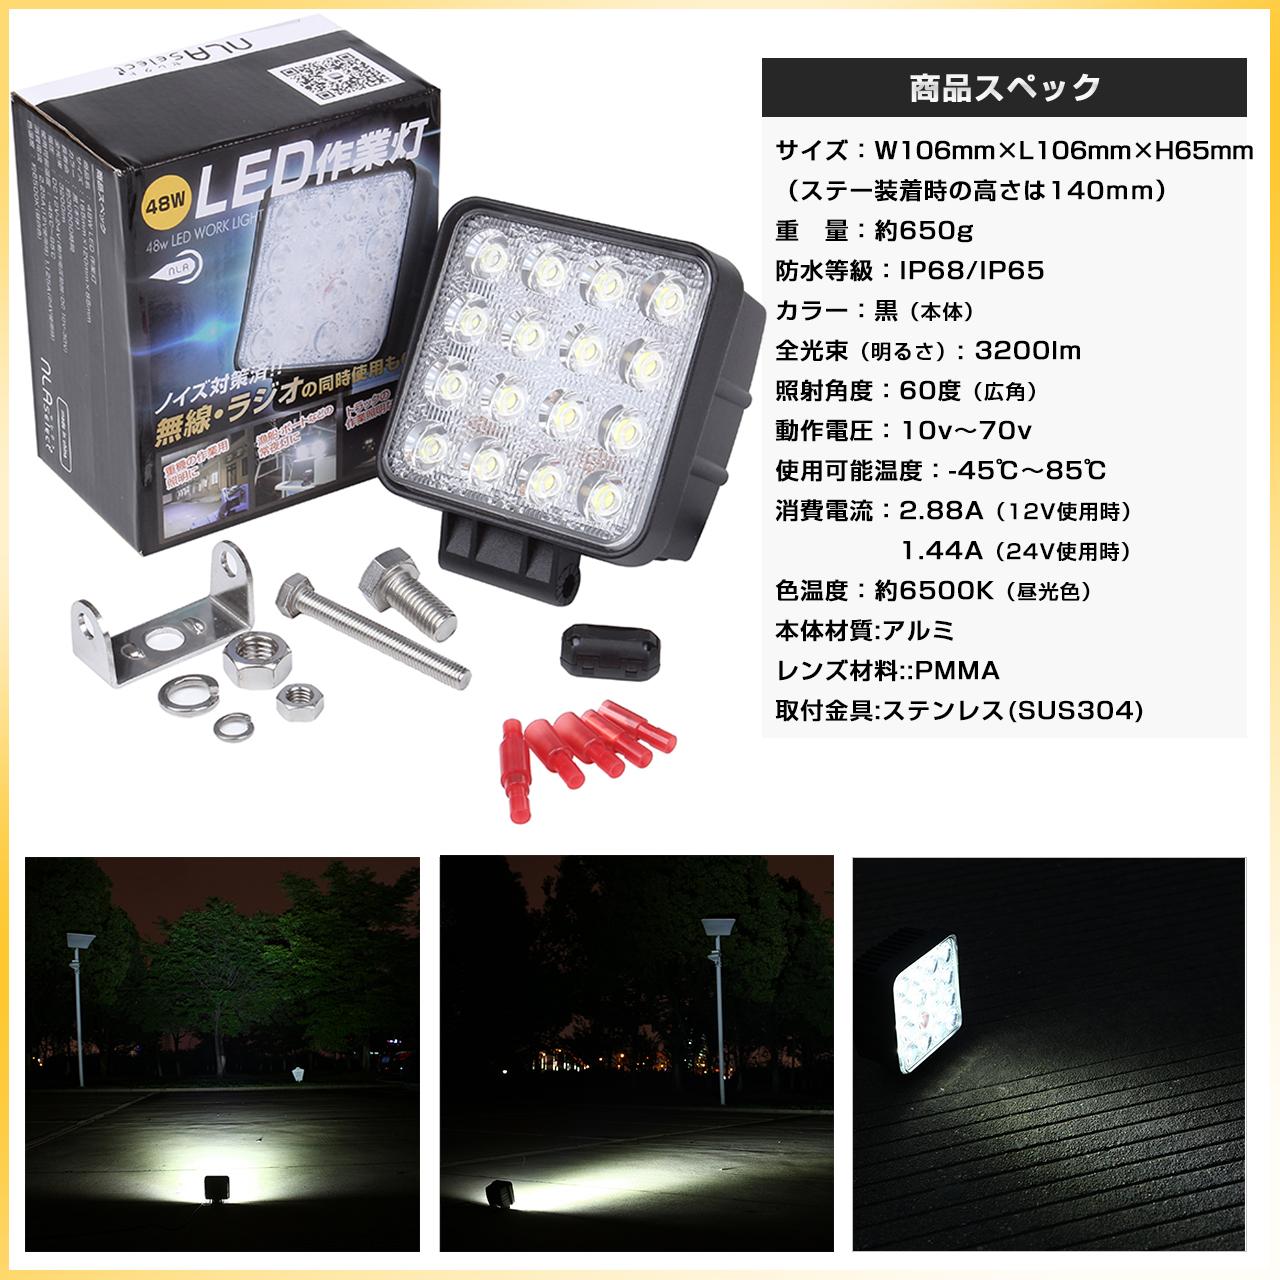 48W作業灯・商品サイズ同梱品の紹介